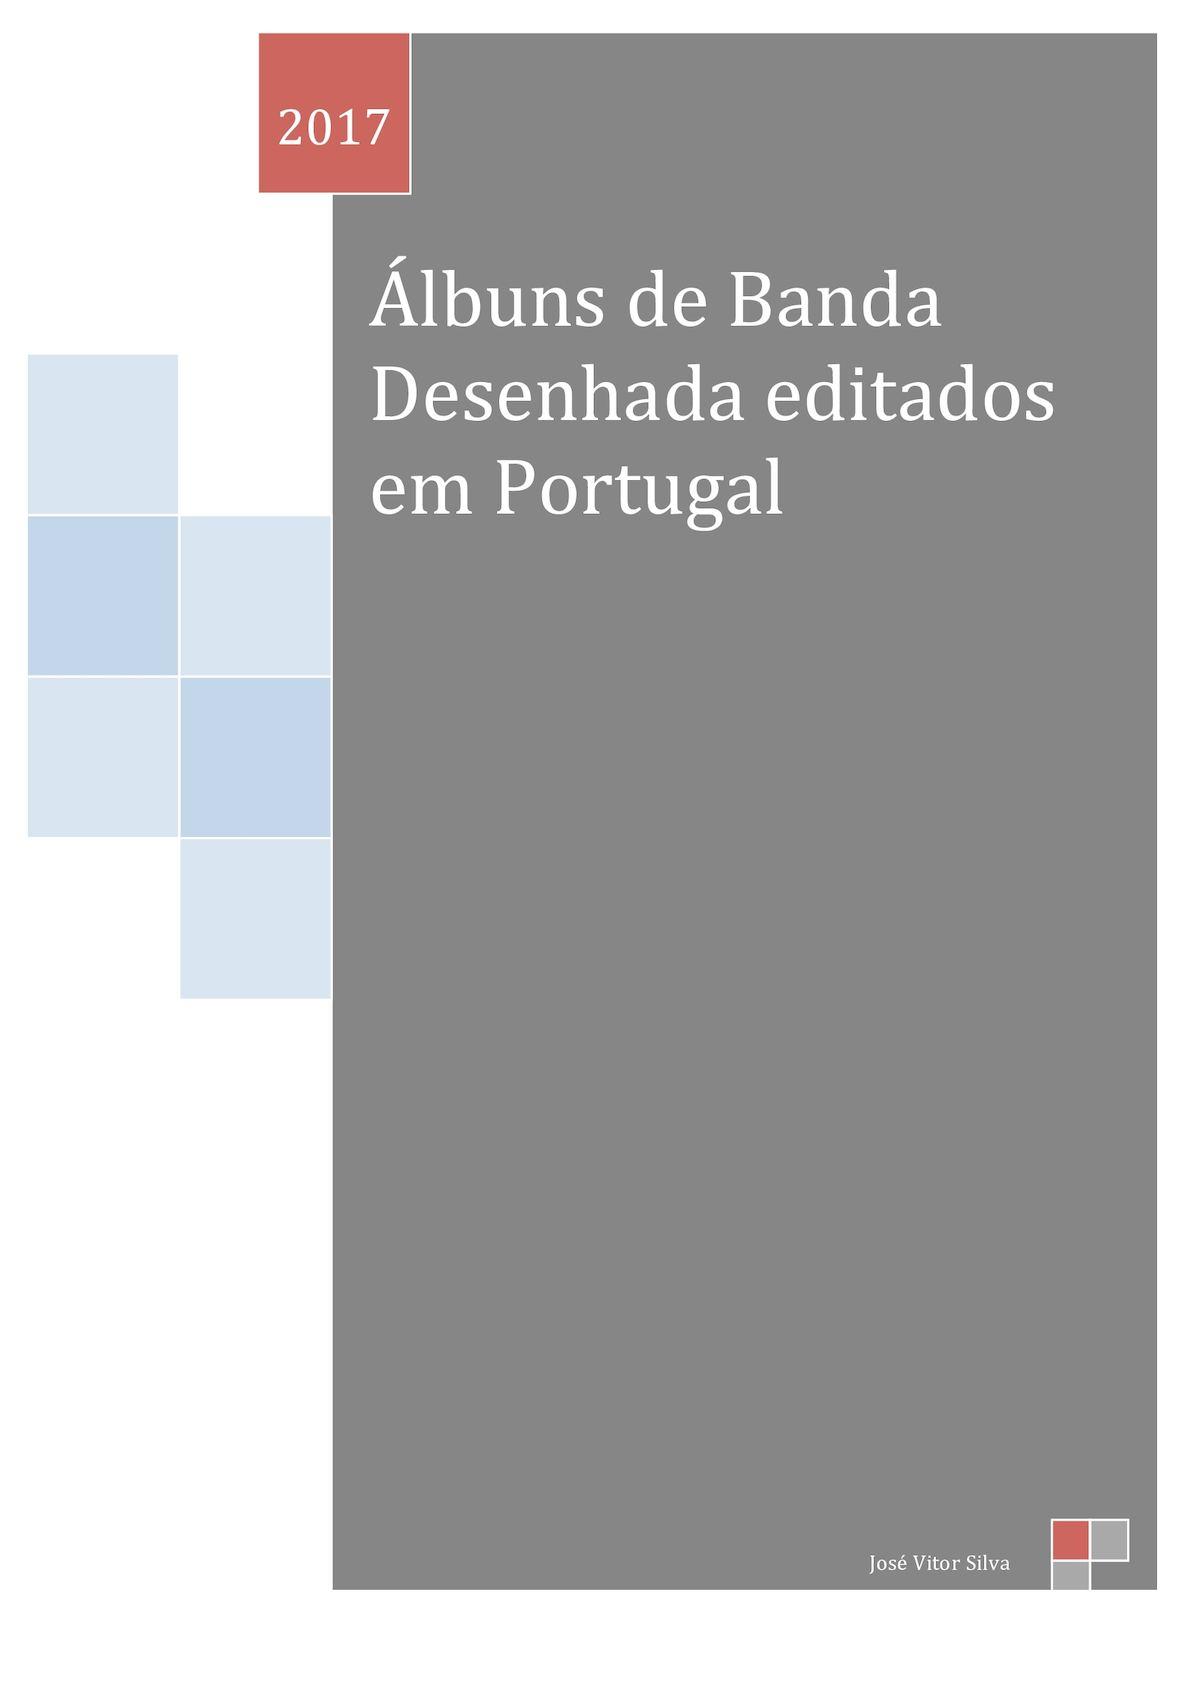 Albuns de BD publicados em Portugal - Edição de 2017